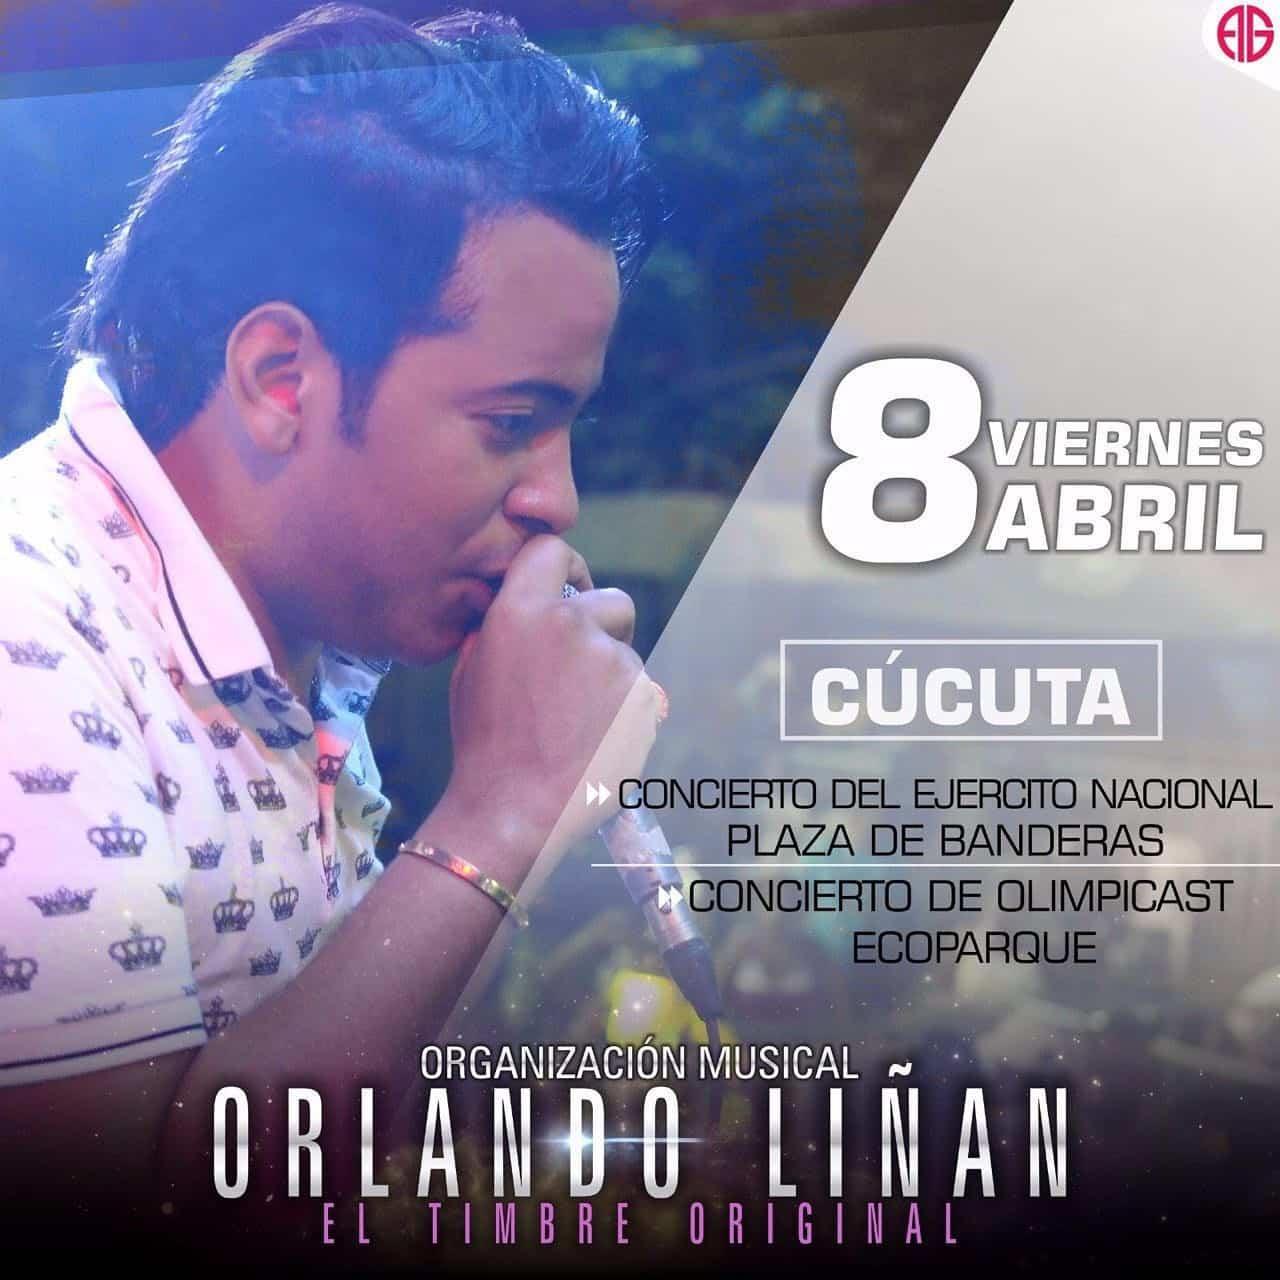 Orlando Liñan en Cucuta